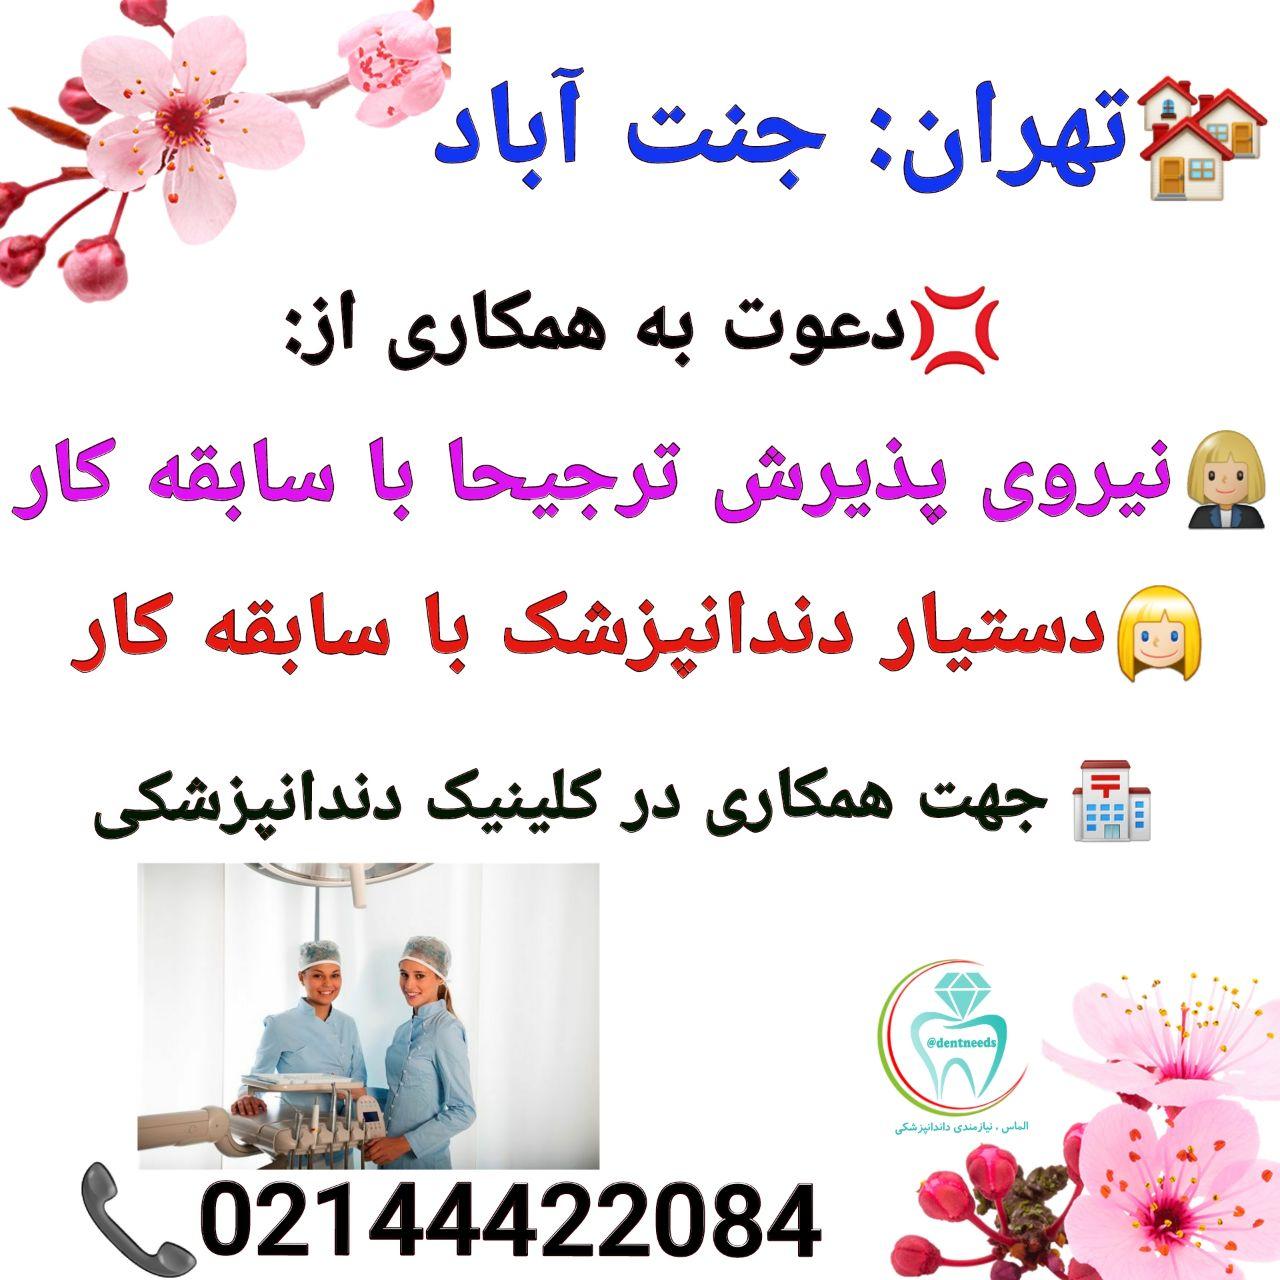 تهران: جنت آباد، دعوت به همکاری از نیروی پذیرش و دستیار دندانپزشک